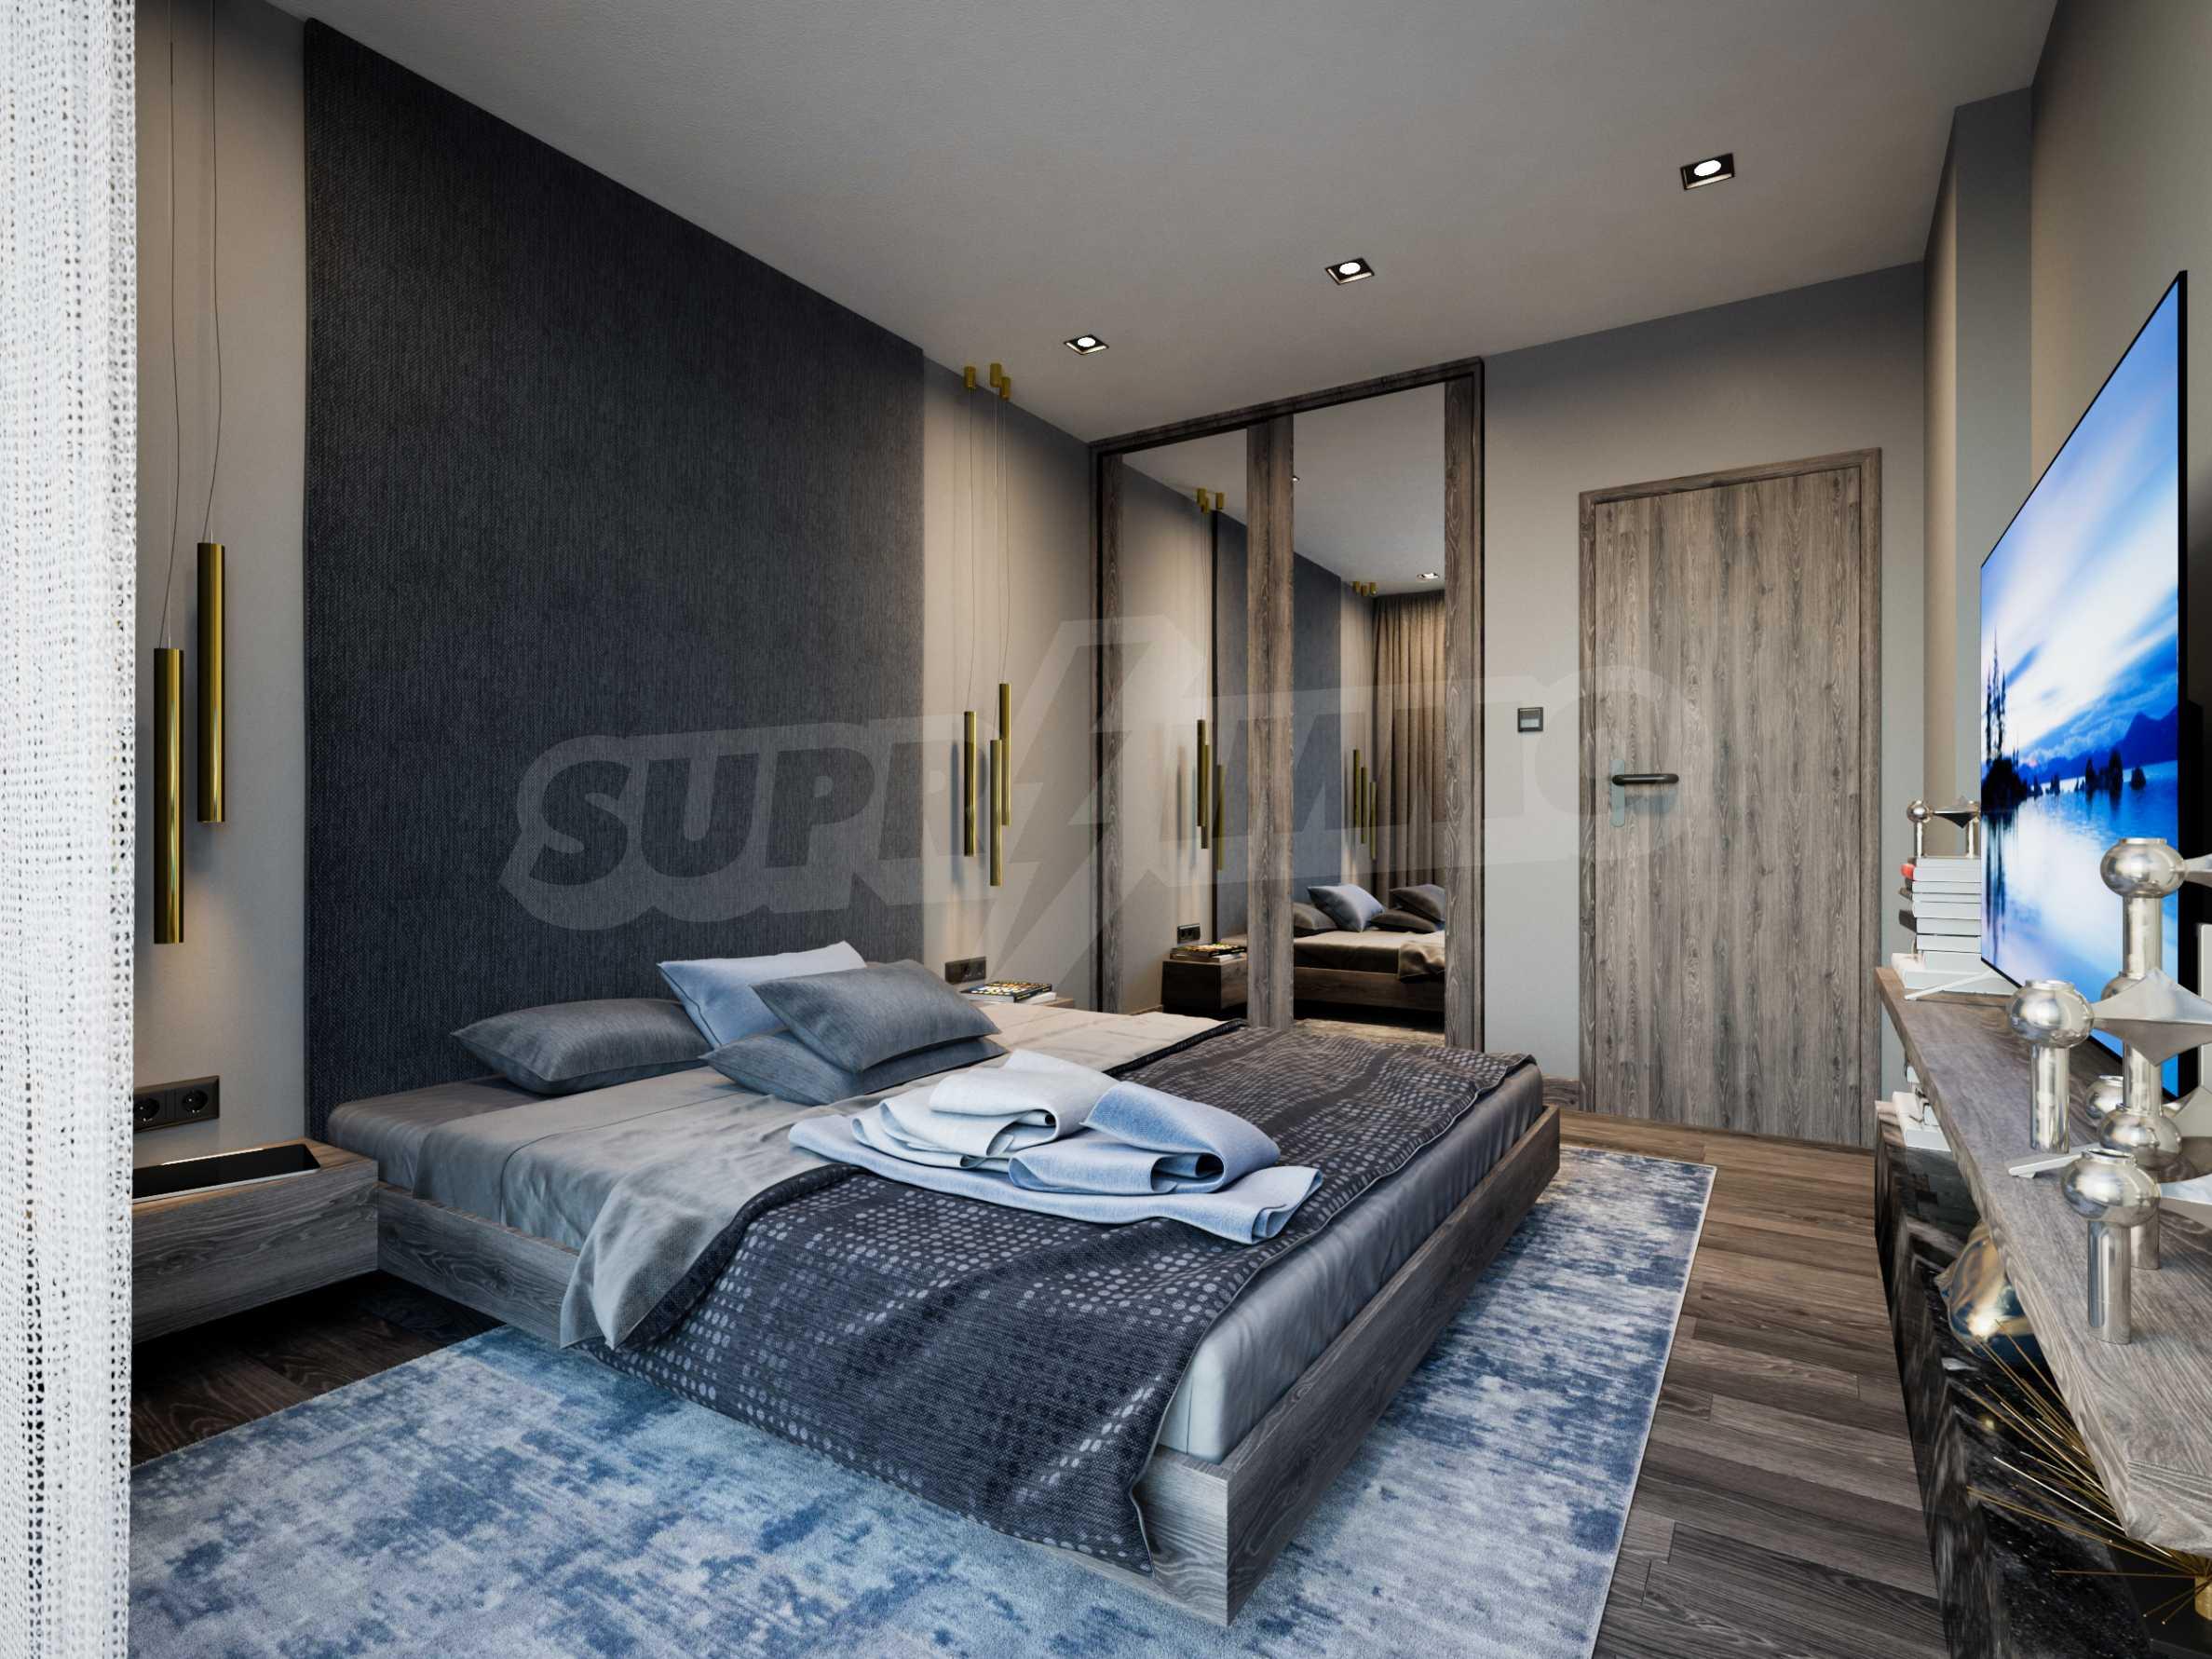 Апартамент с две спални за продажба в нова жилищна сграда в квартал Изгрев 5